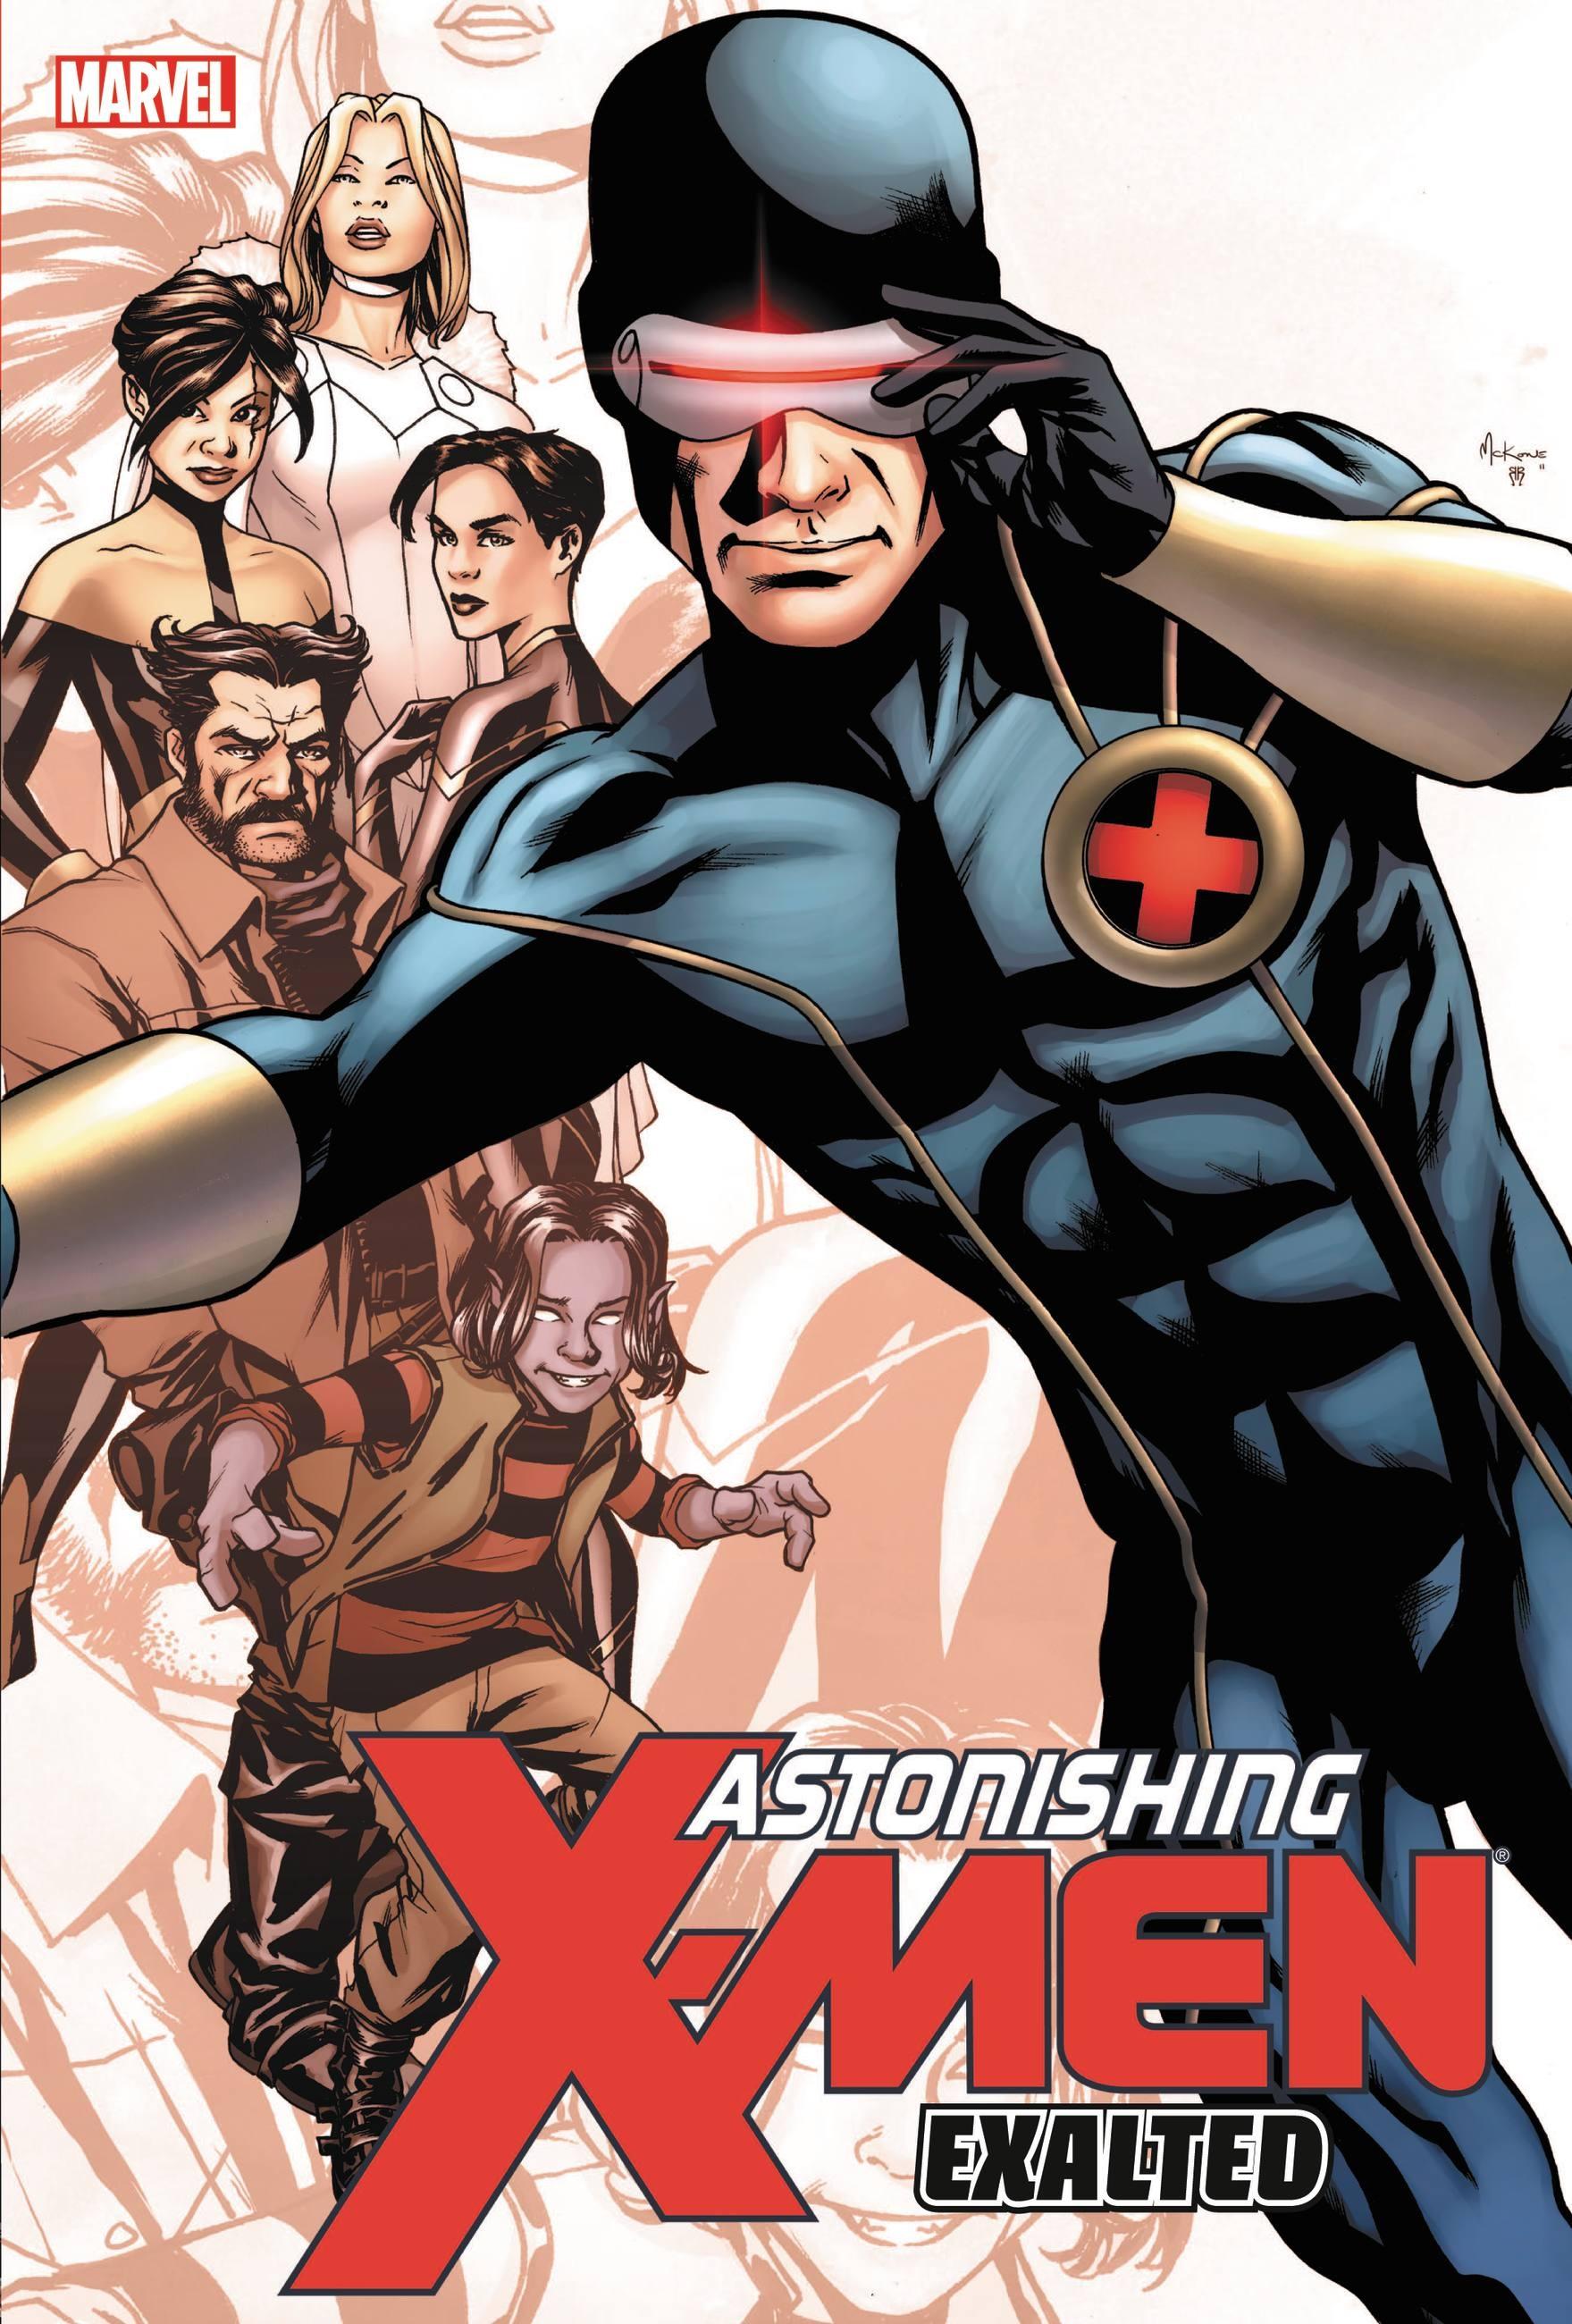 Astonishing X-Men - Volume 9 batman volume 9 bloom